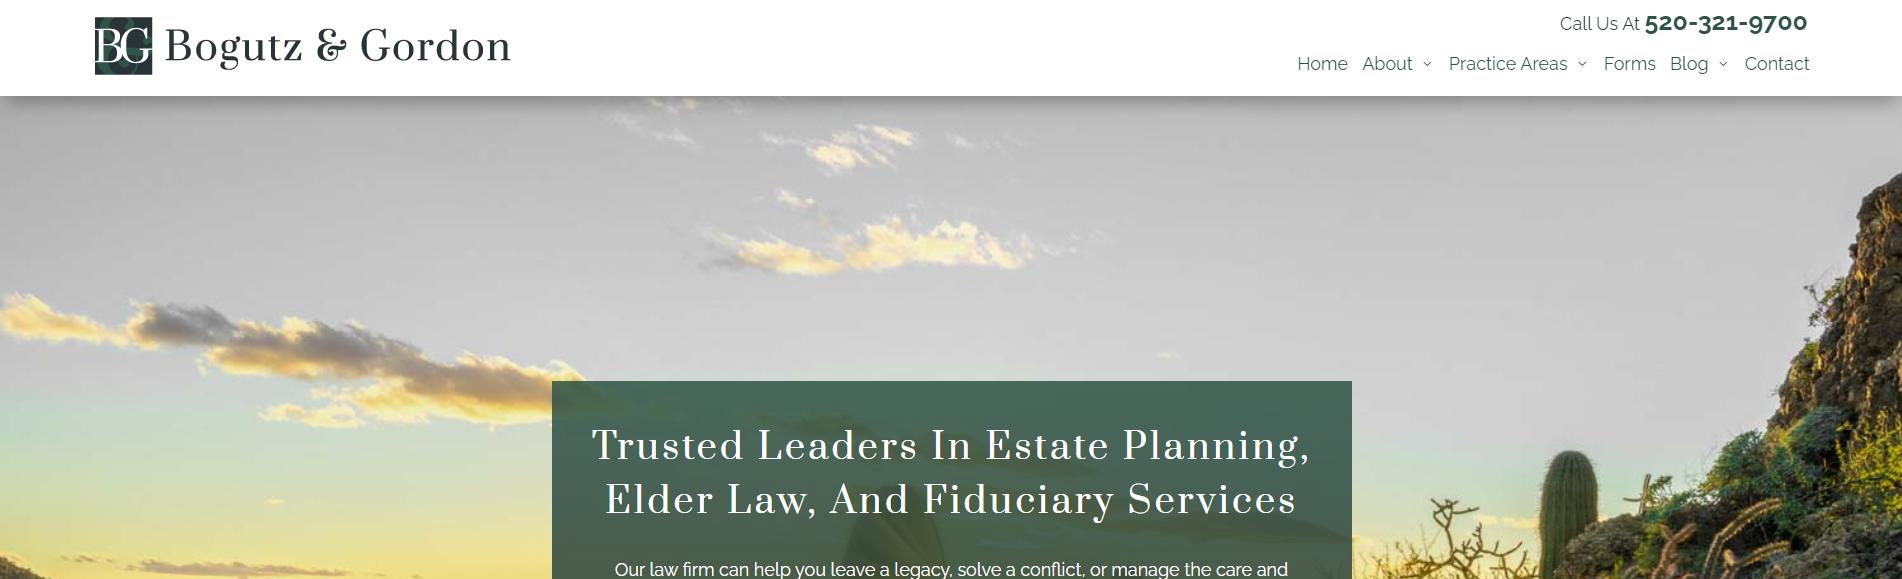 5 Best Unfair Dismissal Attorneys in Tucson, AZ